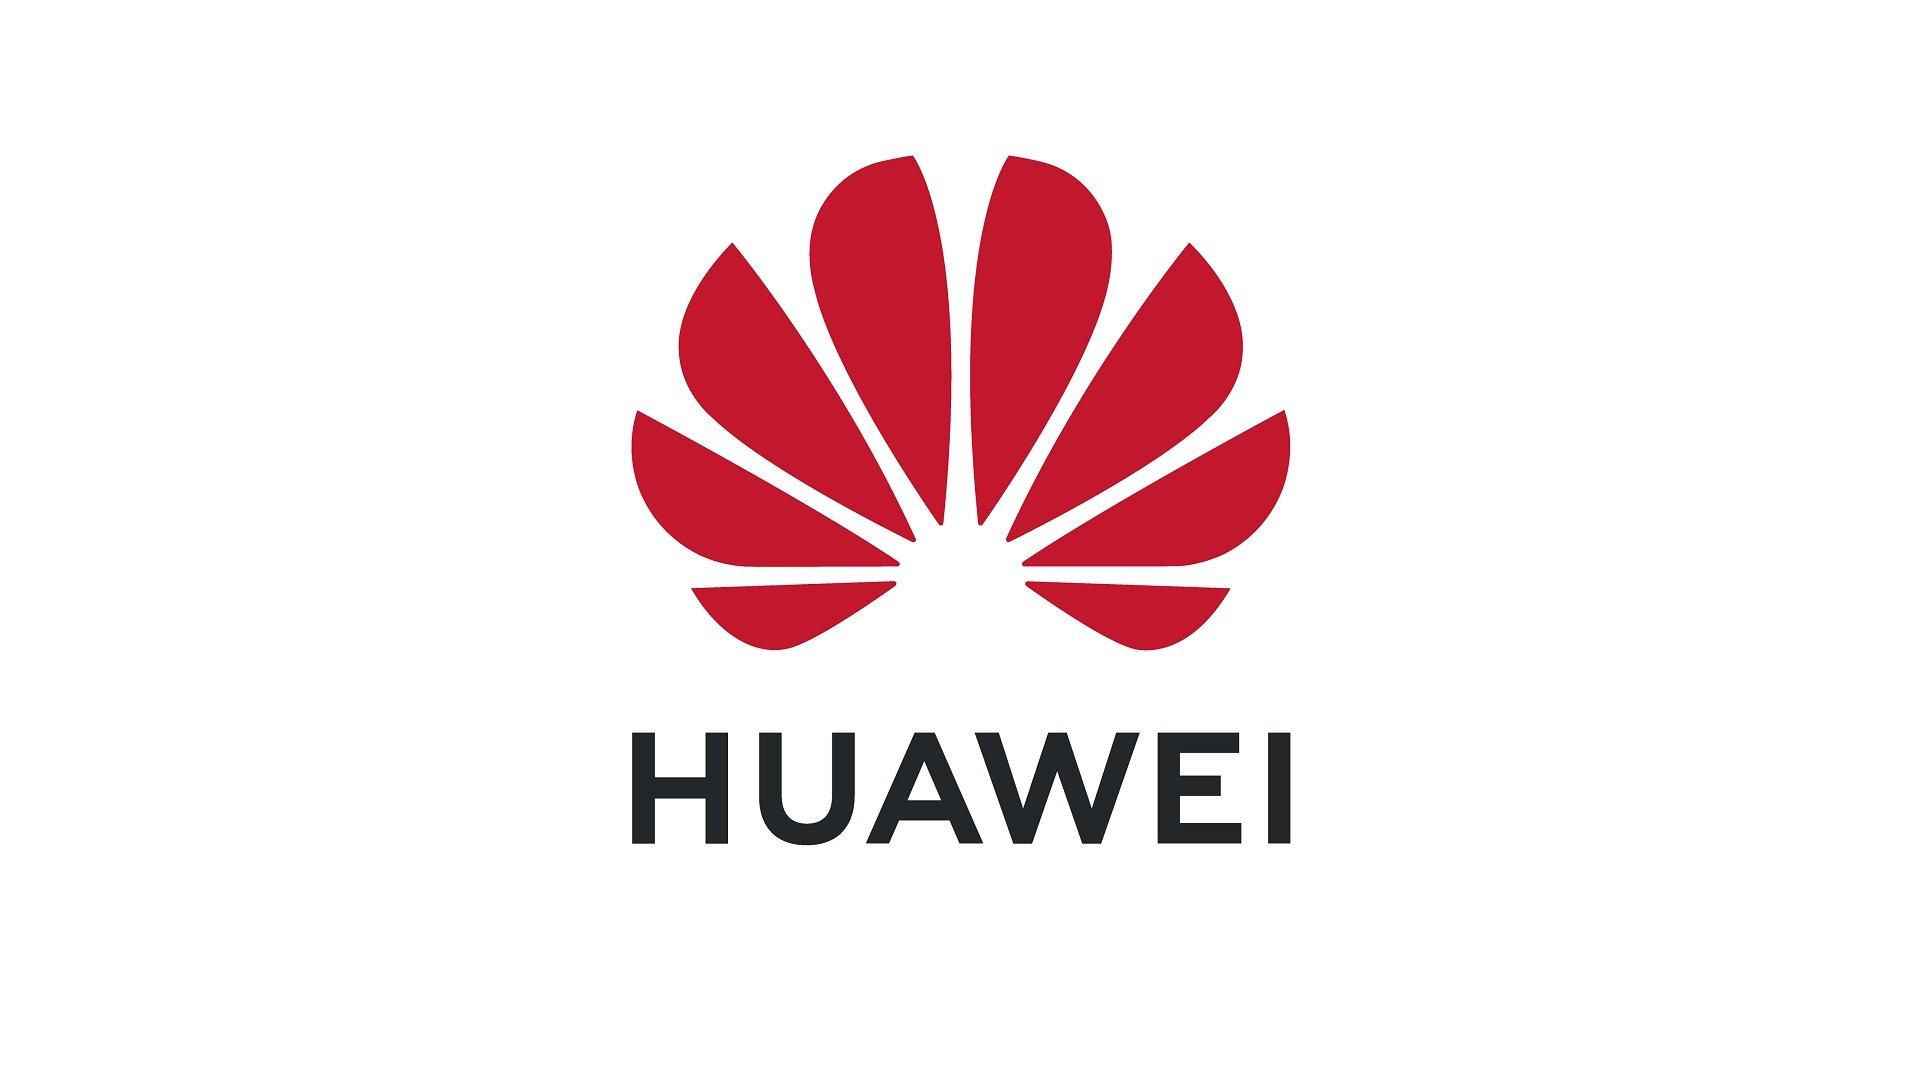 Huawei Teknik Servislerinde Yeni Yıl Kampanyası, OkuGit.Com - Tarih, Güncel, Kadın, Sağlık, Moda Bilgileri Genel Bloğu